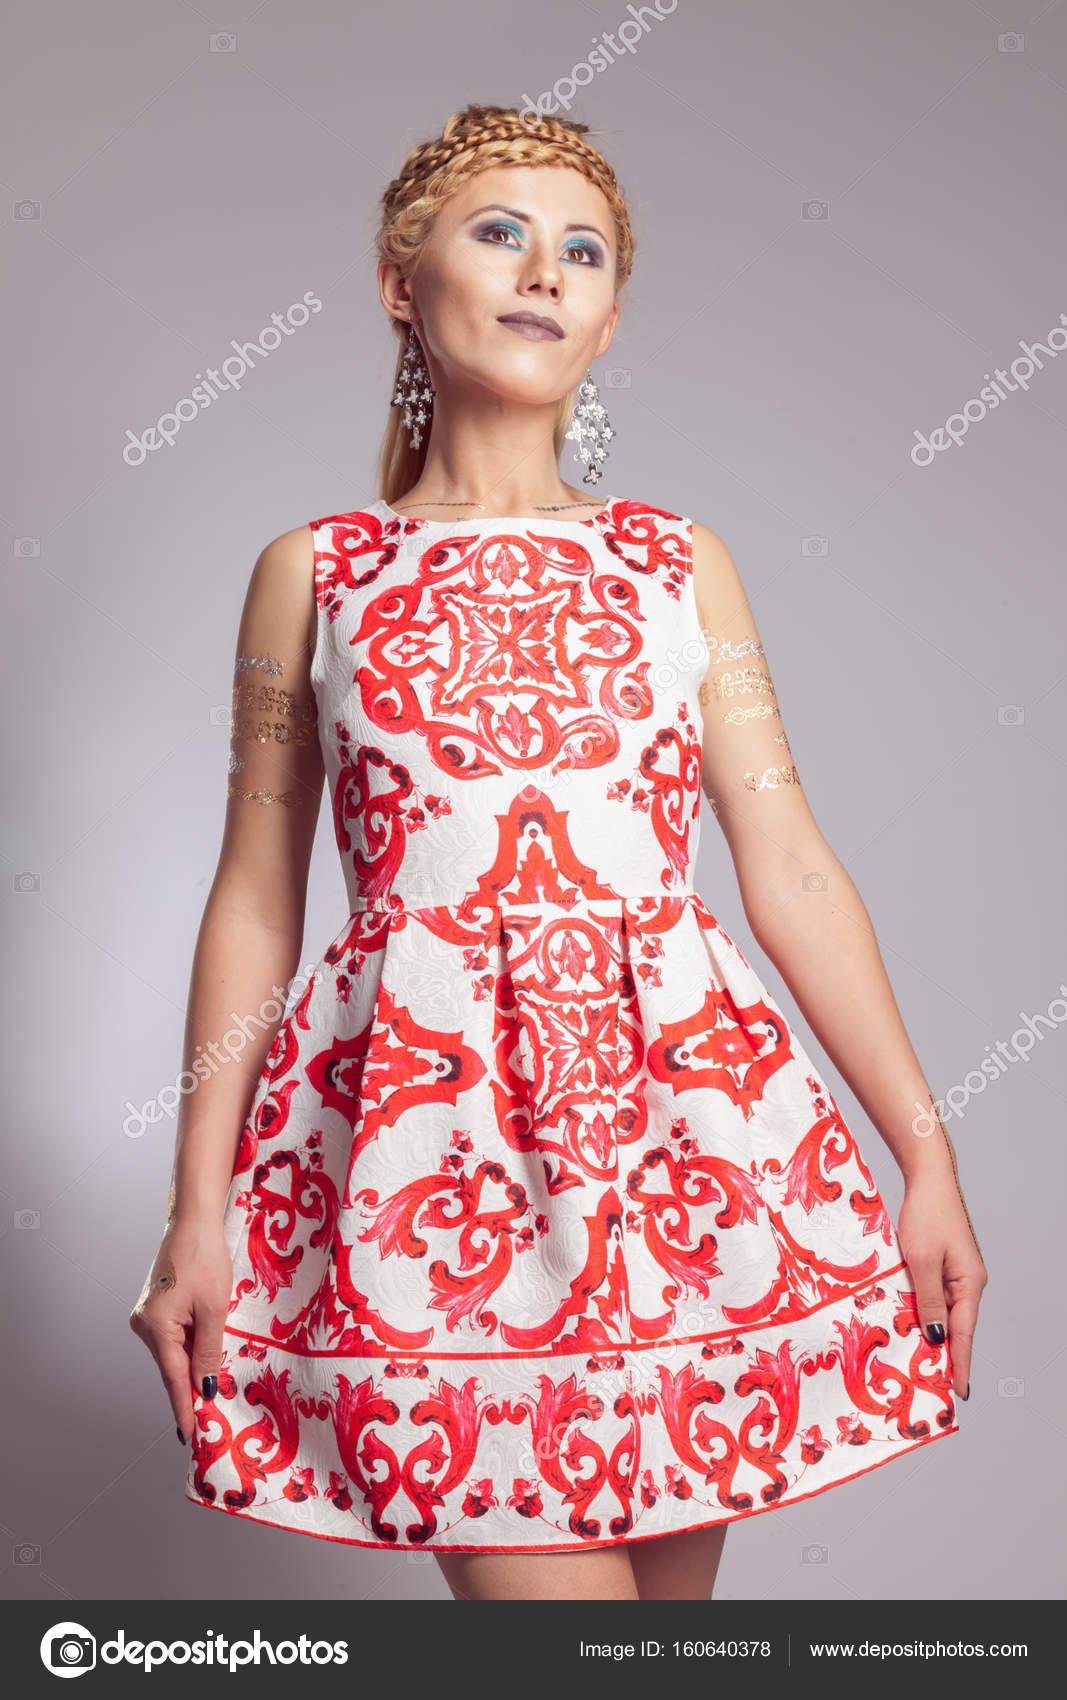 4bf54cd90 Chica joven en vestido blanco con estampado étnico de color rojo– imagen de  stock